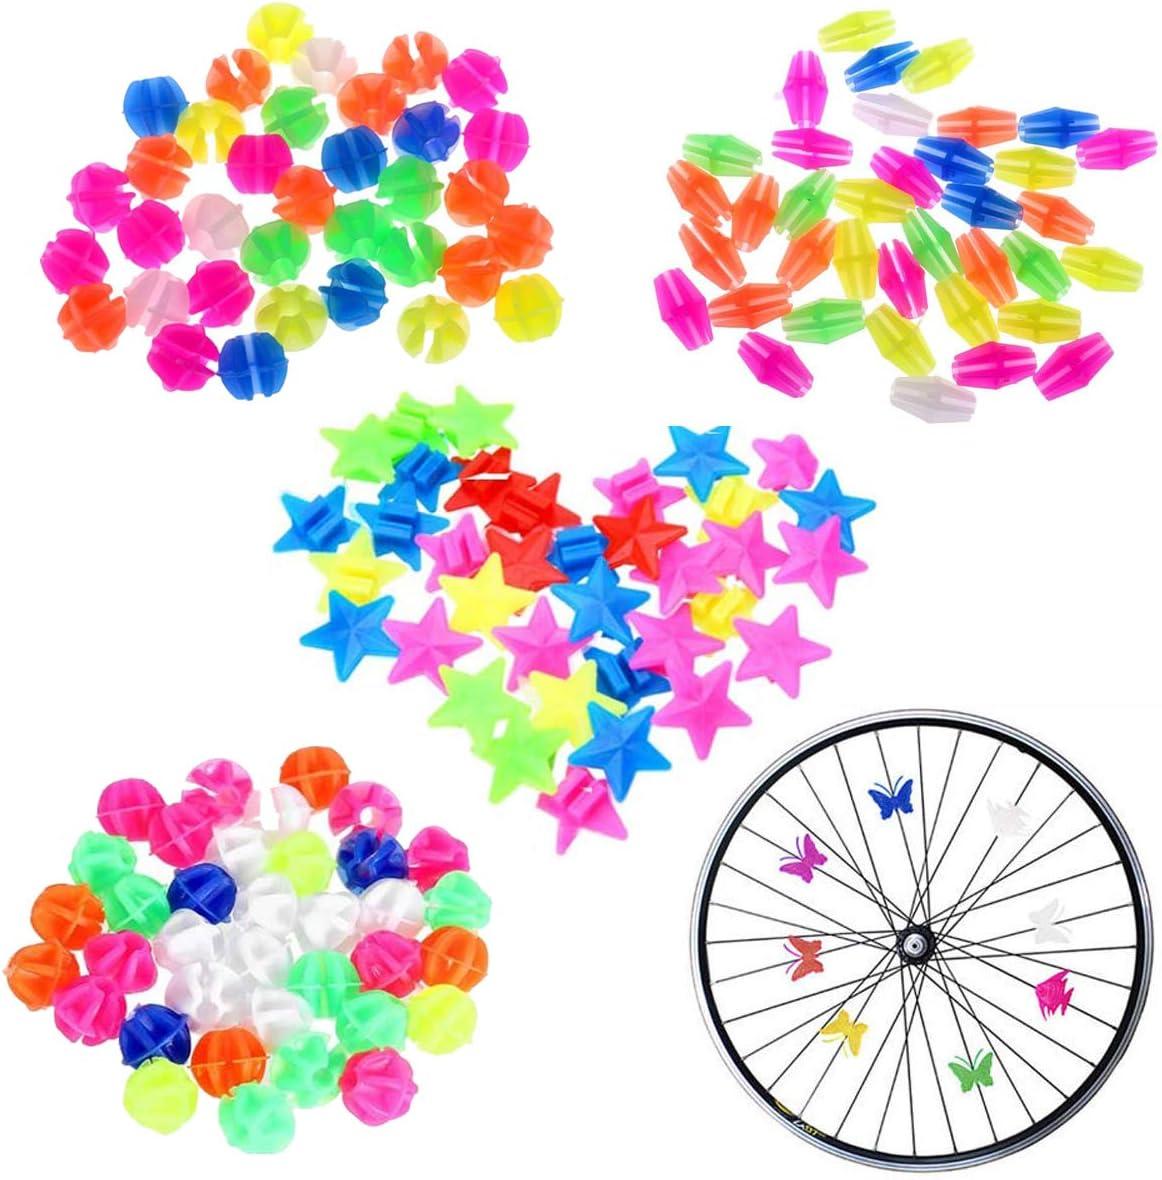 YWQ 170 Pzas Bicicleta Diversión Colorido Habló Adornos,Rueda Bici Radios,Bicicleta Habló Decoración,Bicicleta Decoración Perla,Bicicleta Dia de Plastico Regalo para Niñas